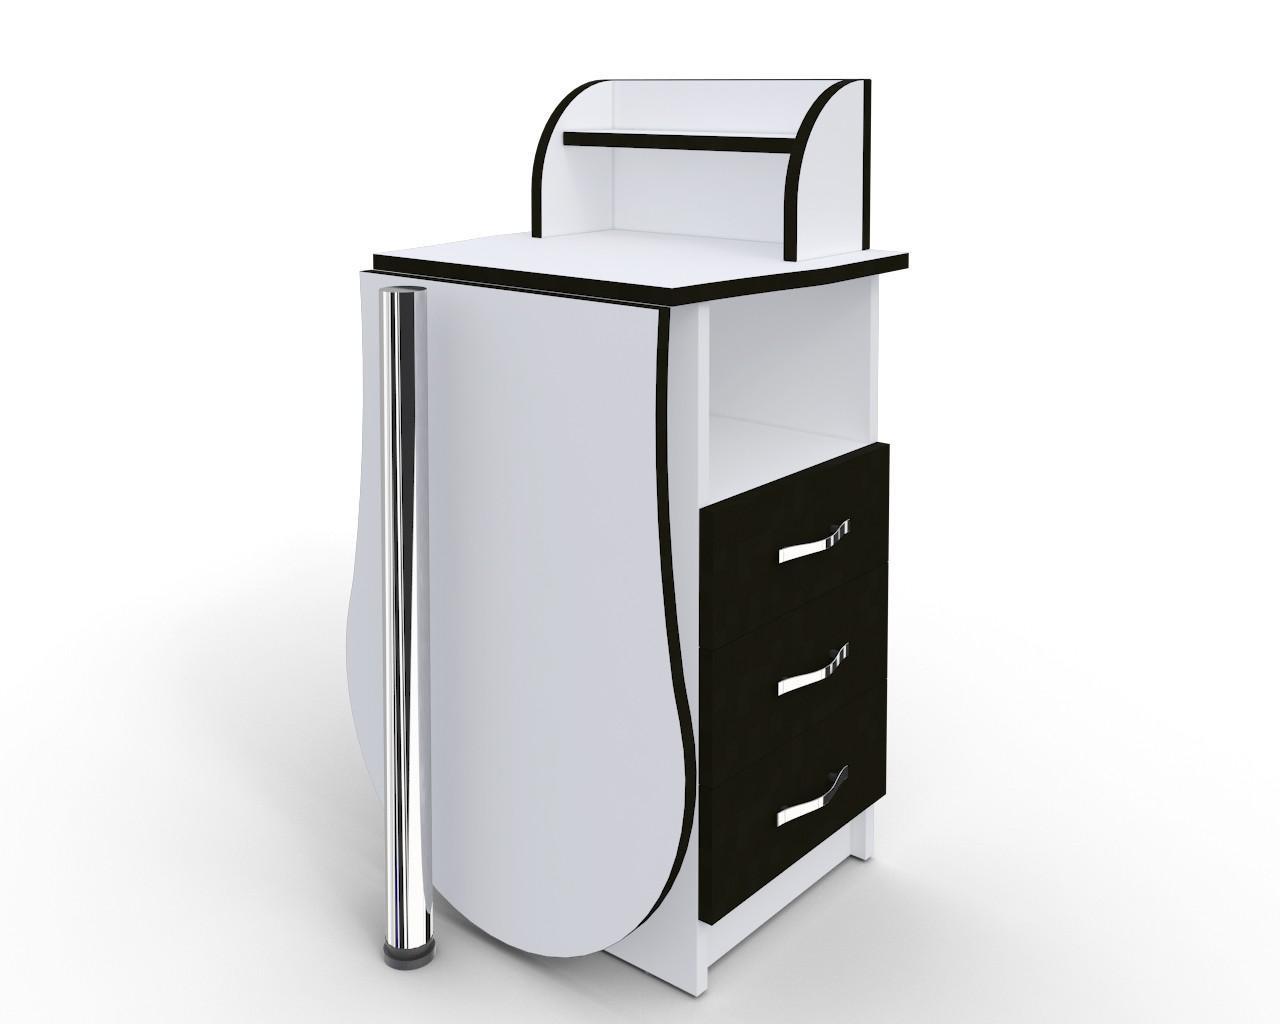 """Маникюрный стол-трансформер """"Эстет компакт №3"""" белый с черными фасадами"""